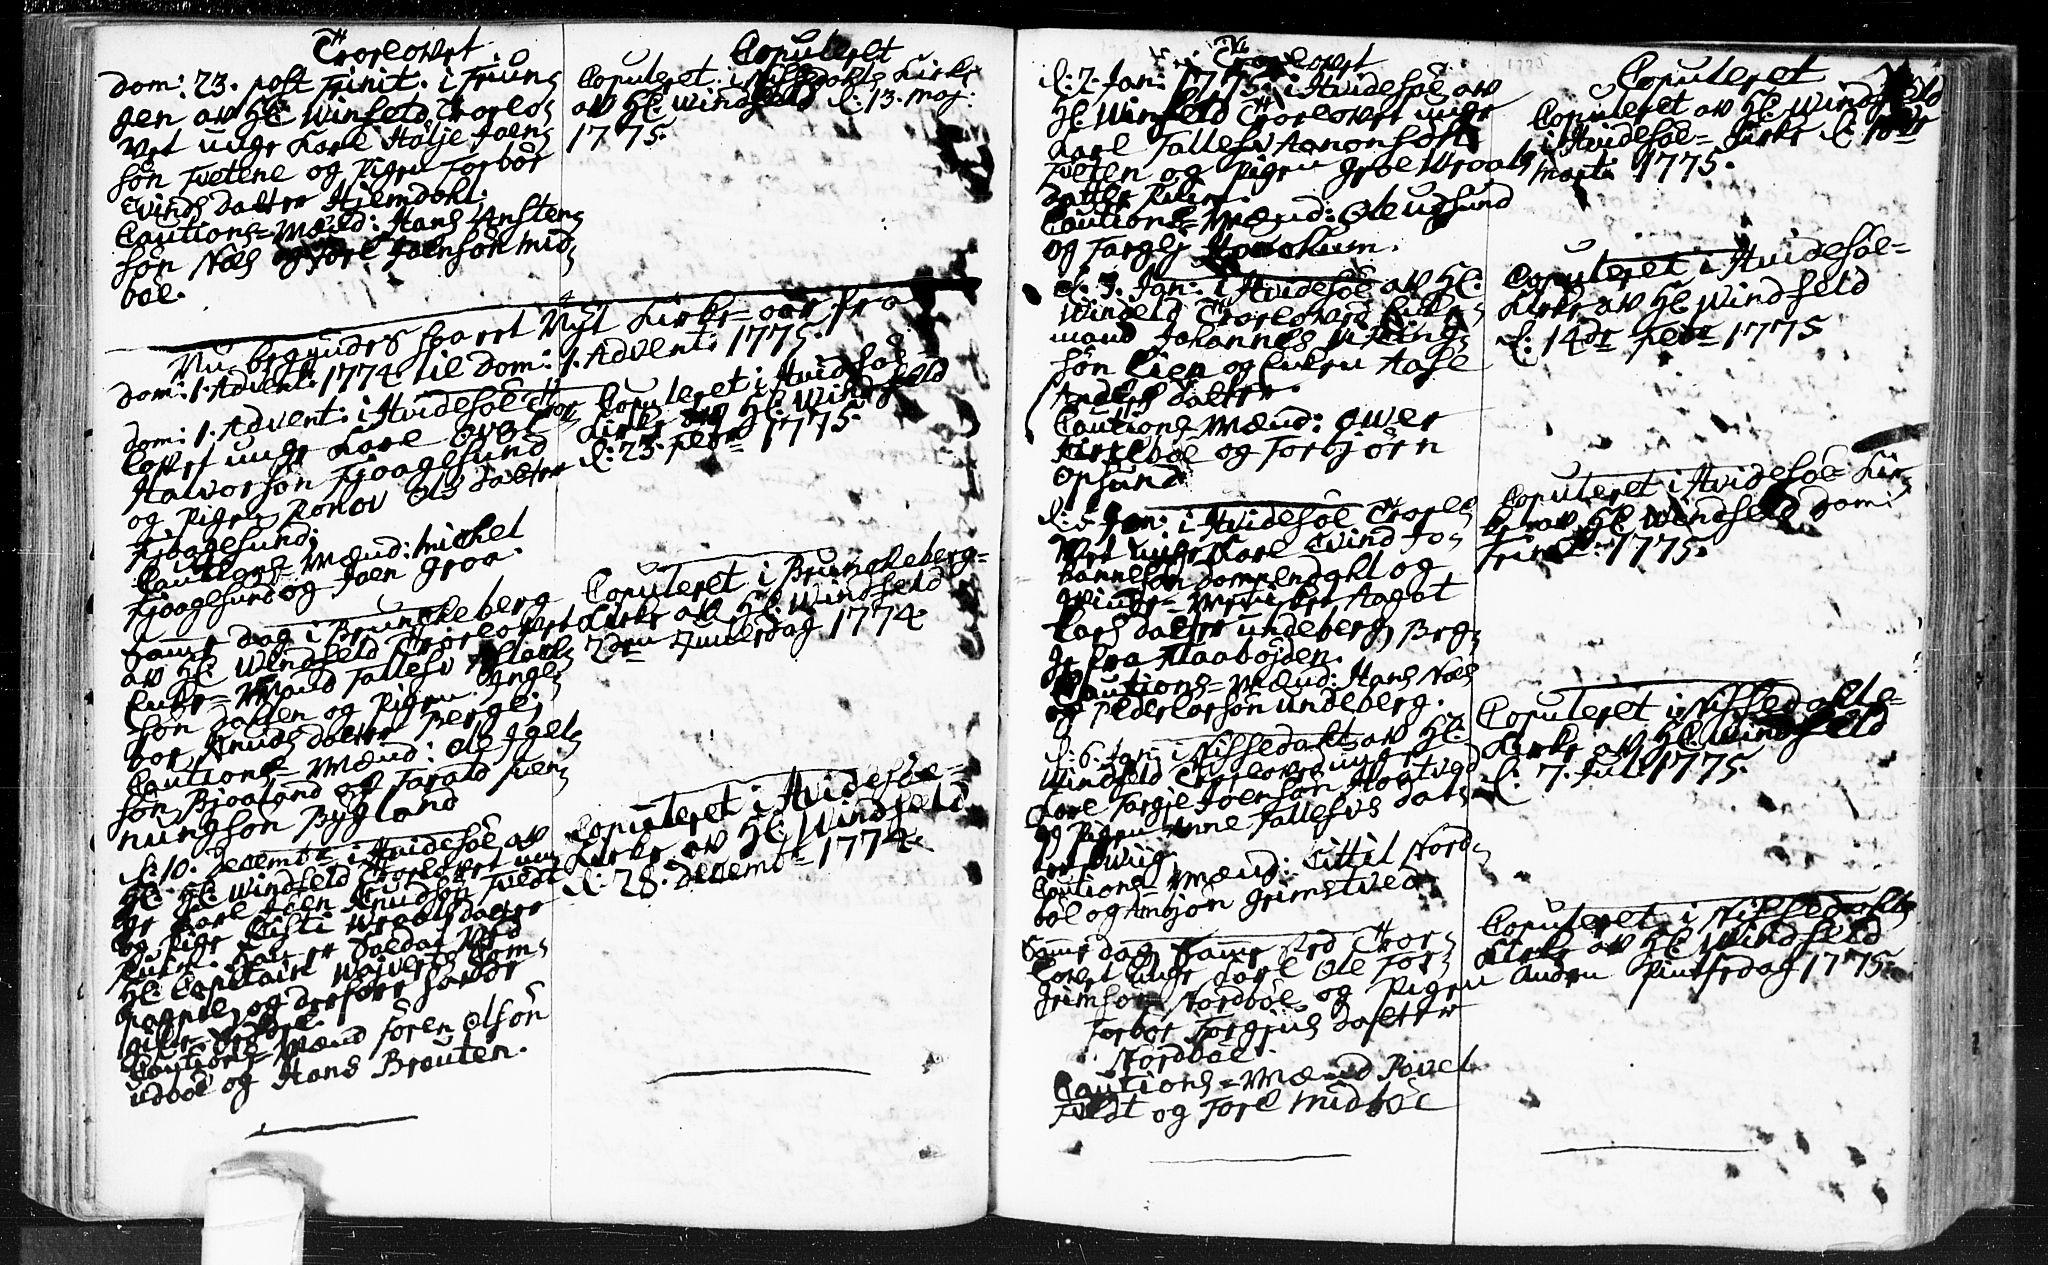 SAKO, Kviteseid kirkebøker, F/Fa/L0002: Ministerialbok nr. I 2, 1773-1786, s. 103